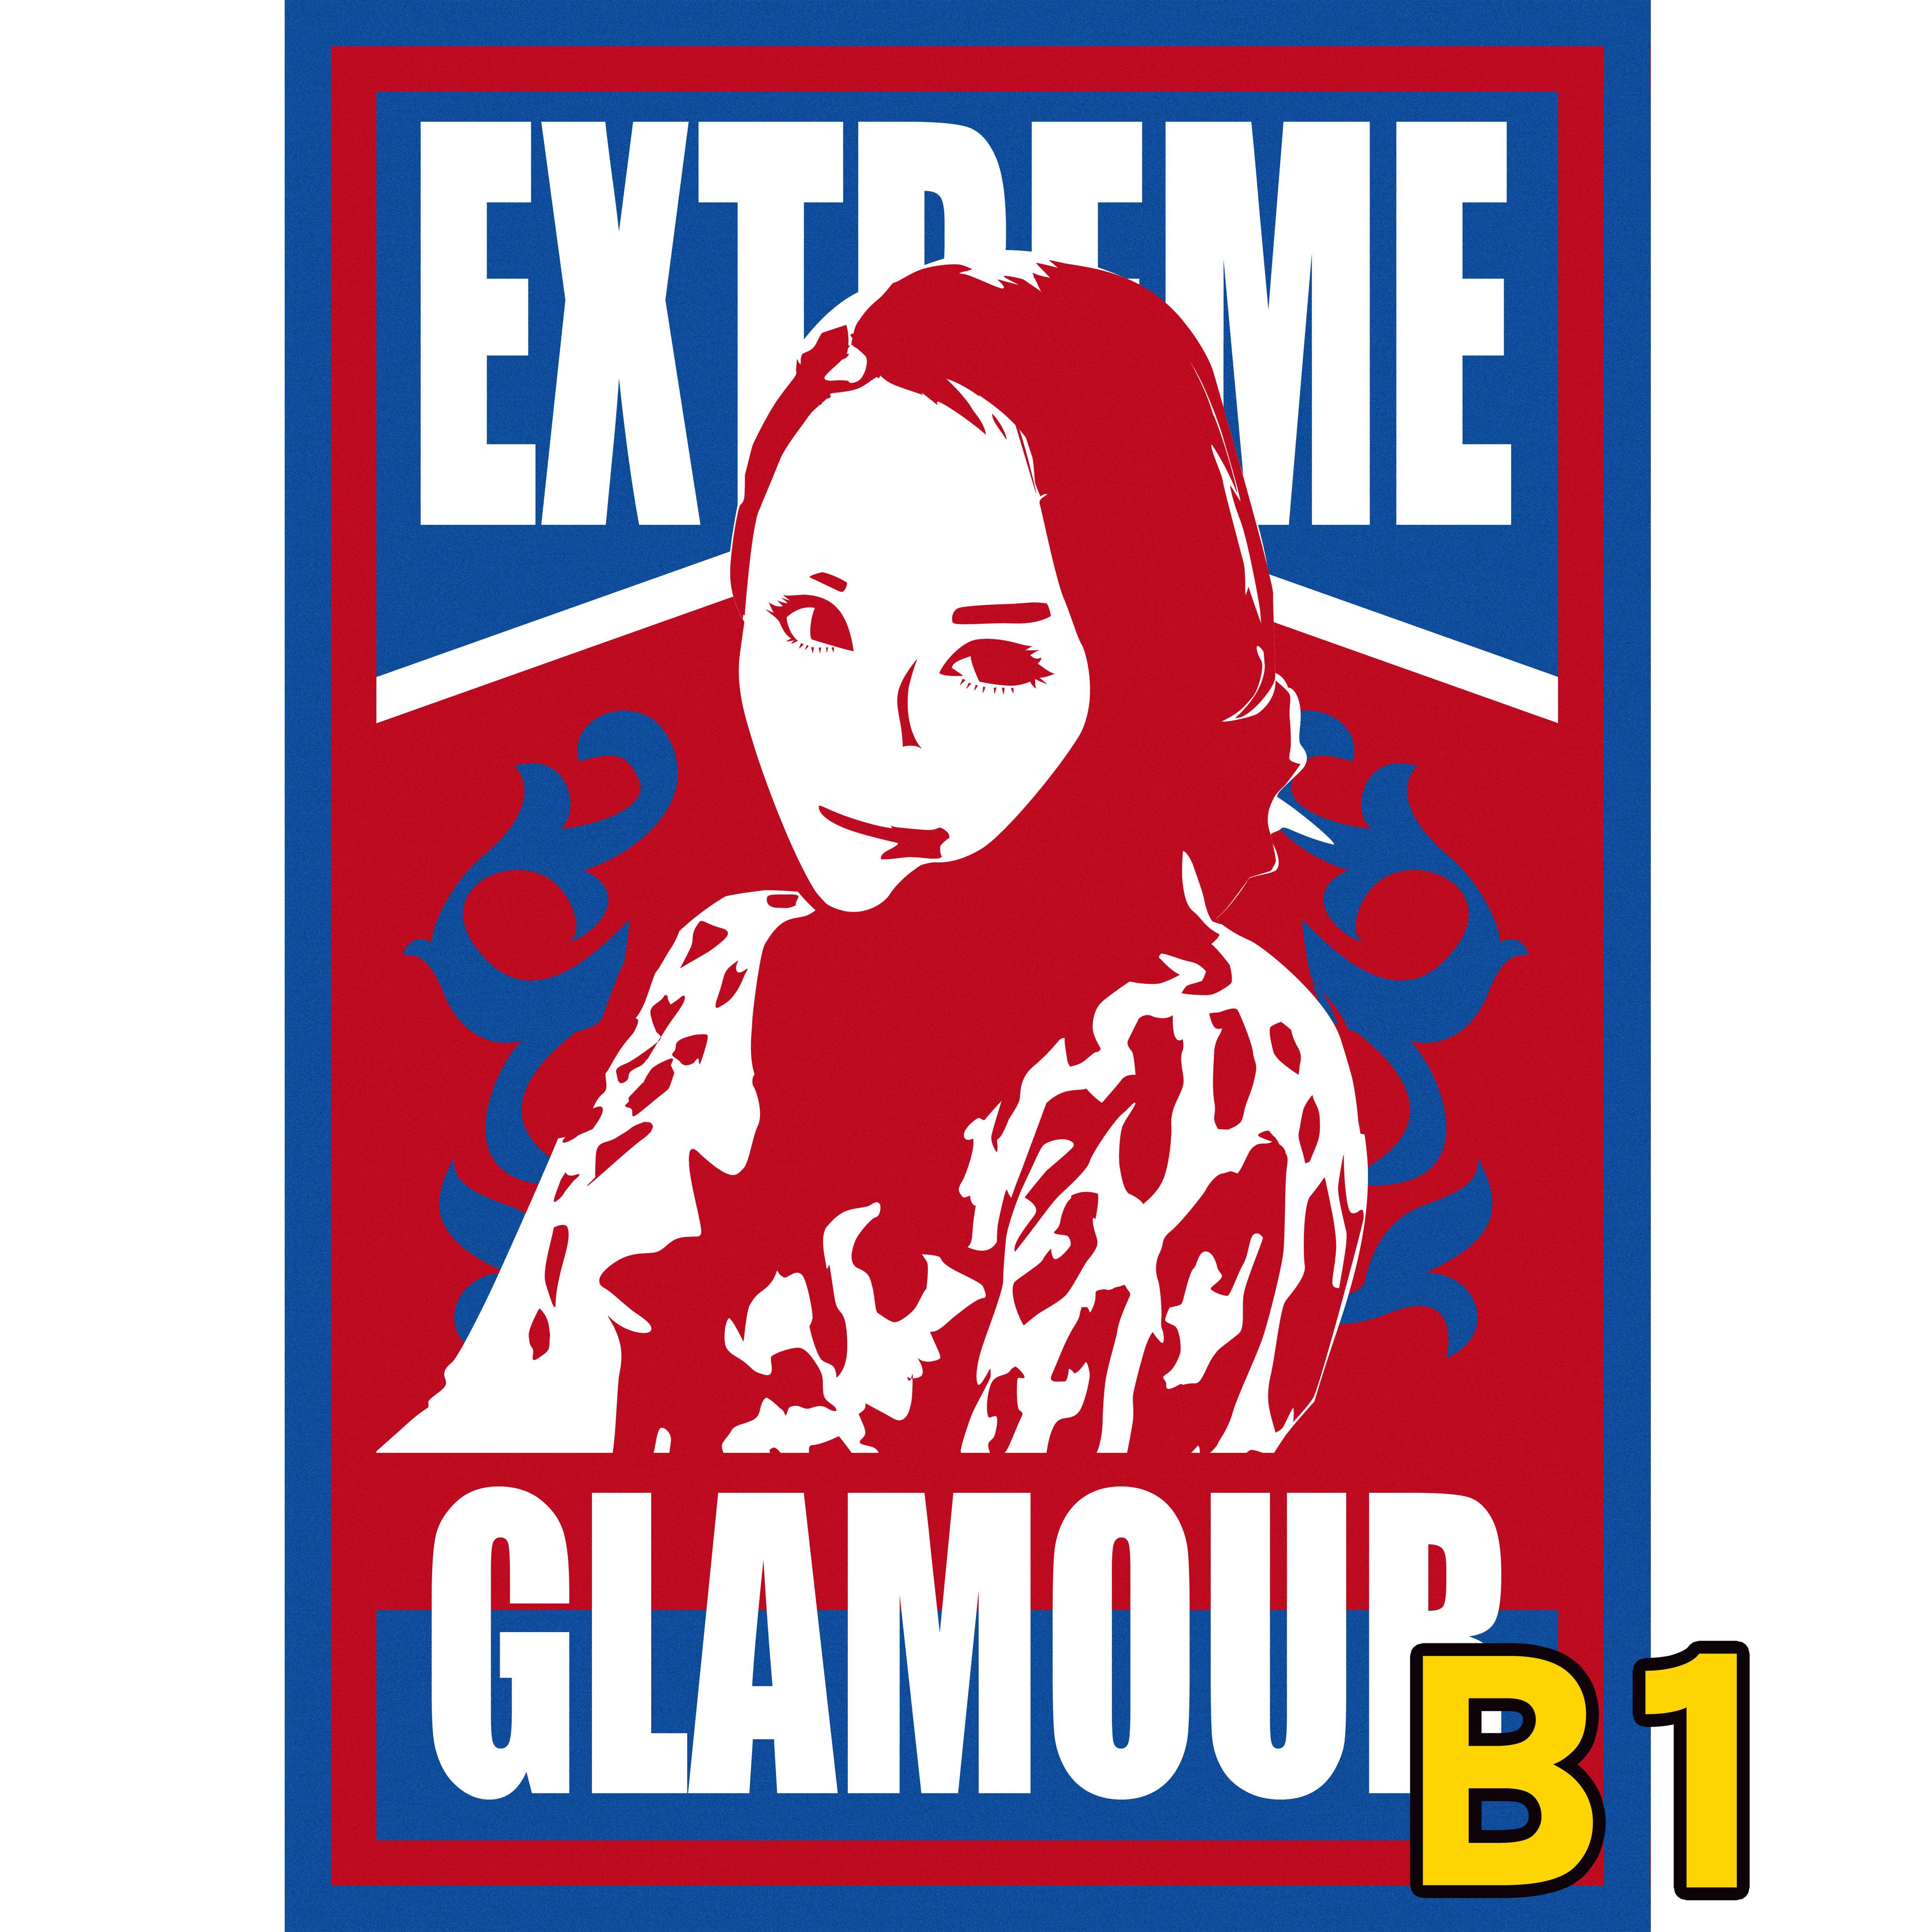 【オーダーメイドアート】ポスター・パネルボード/ファッション風/B1サイズ